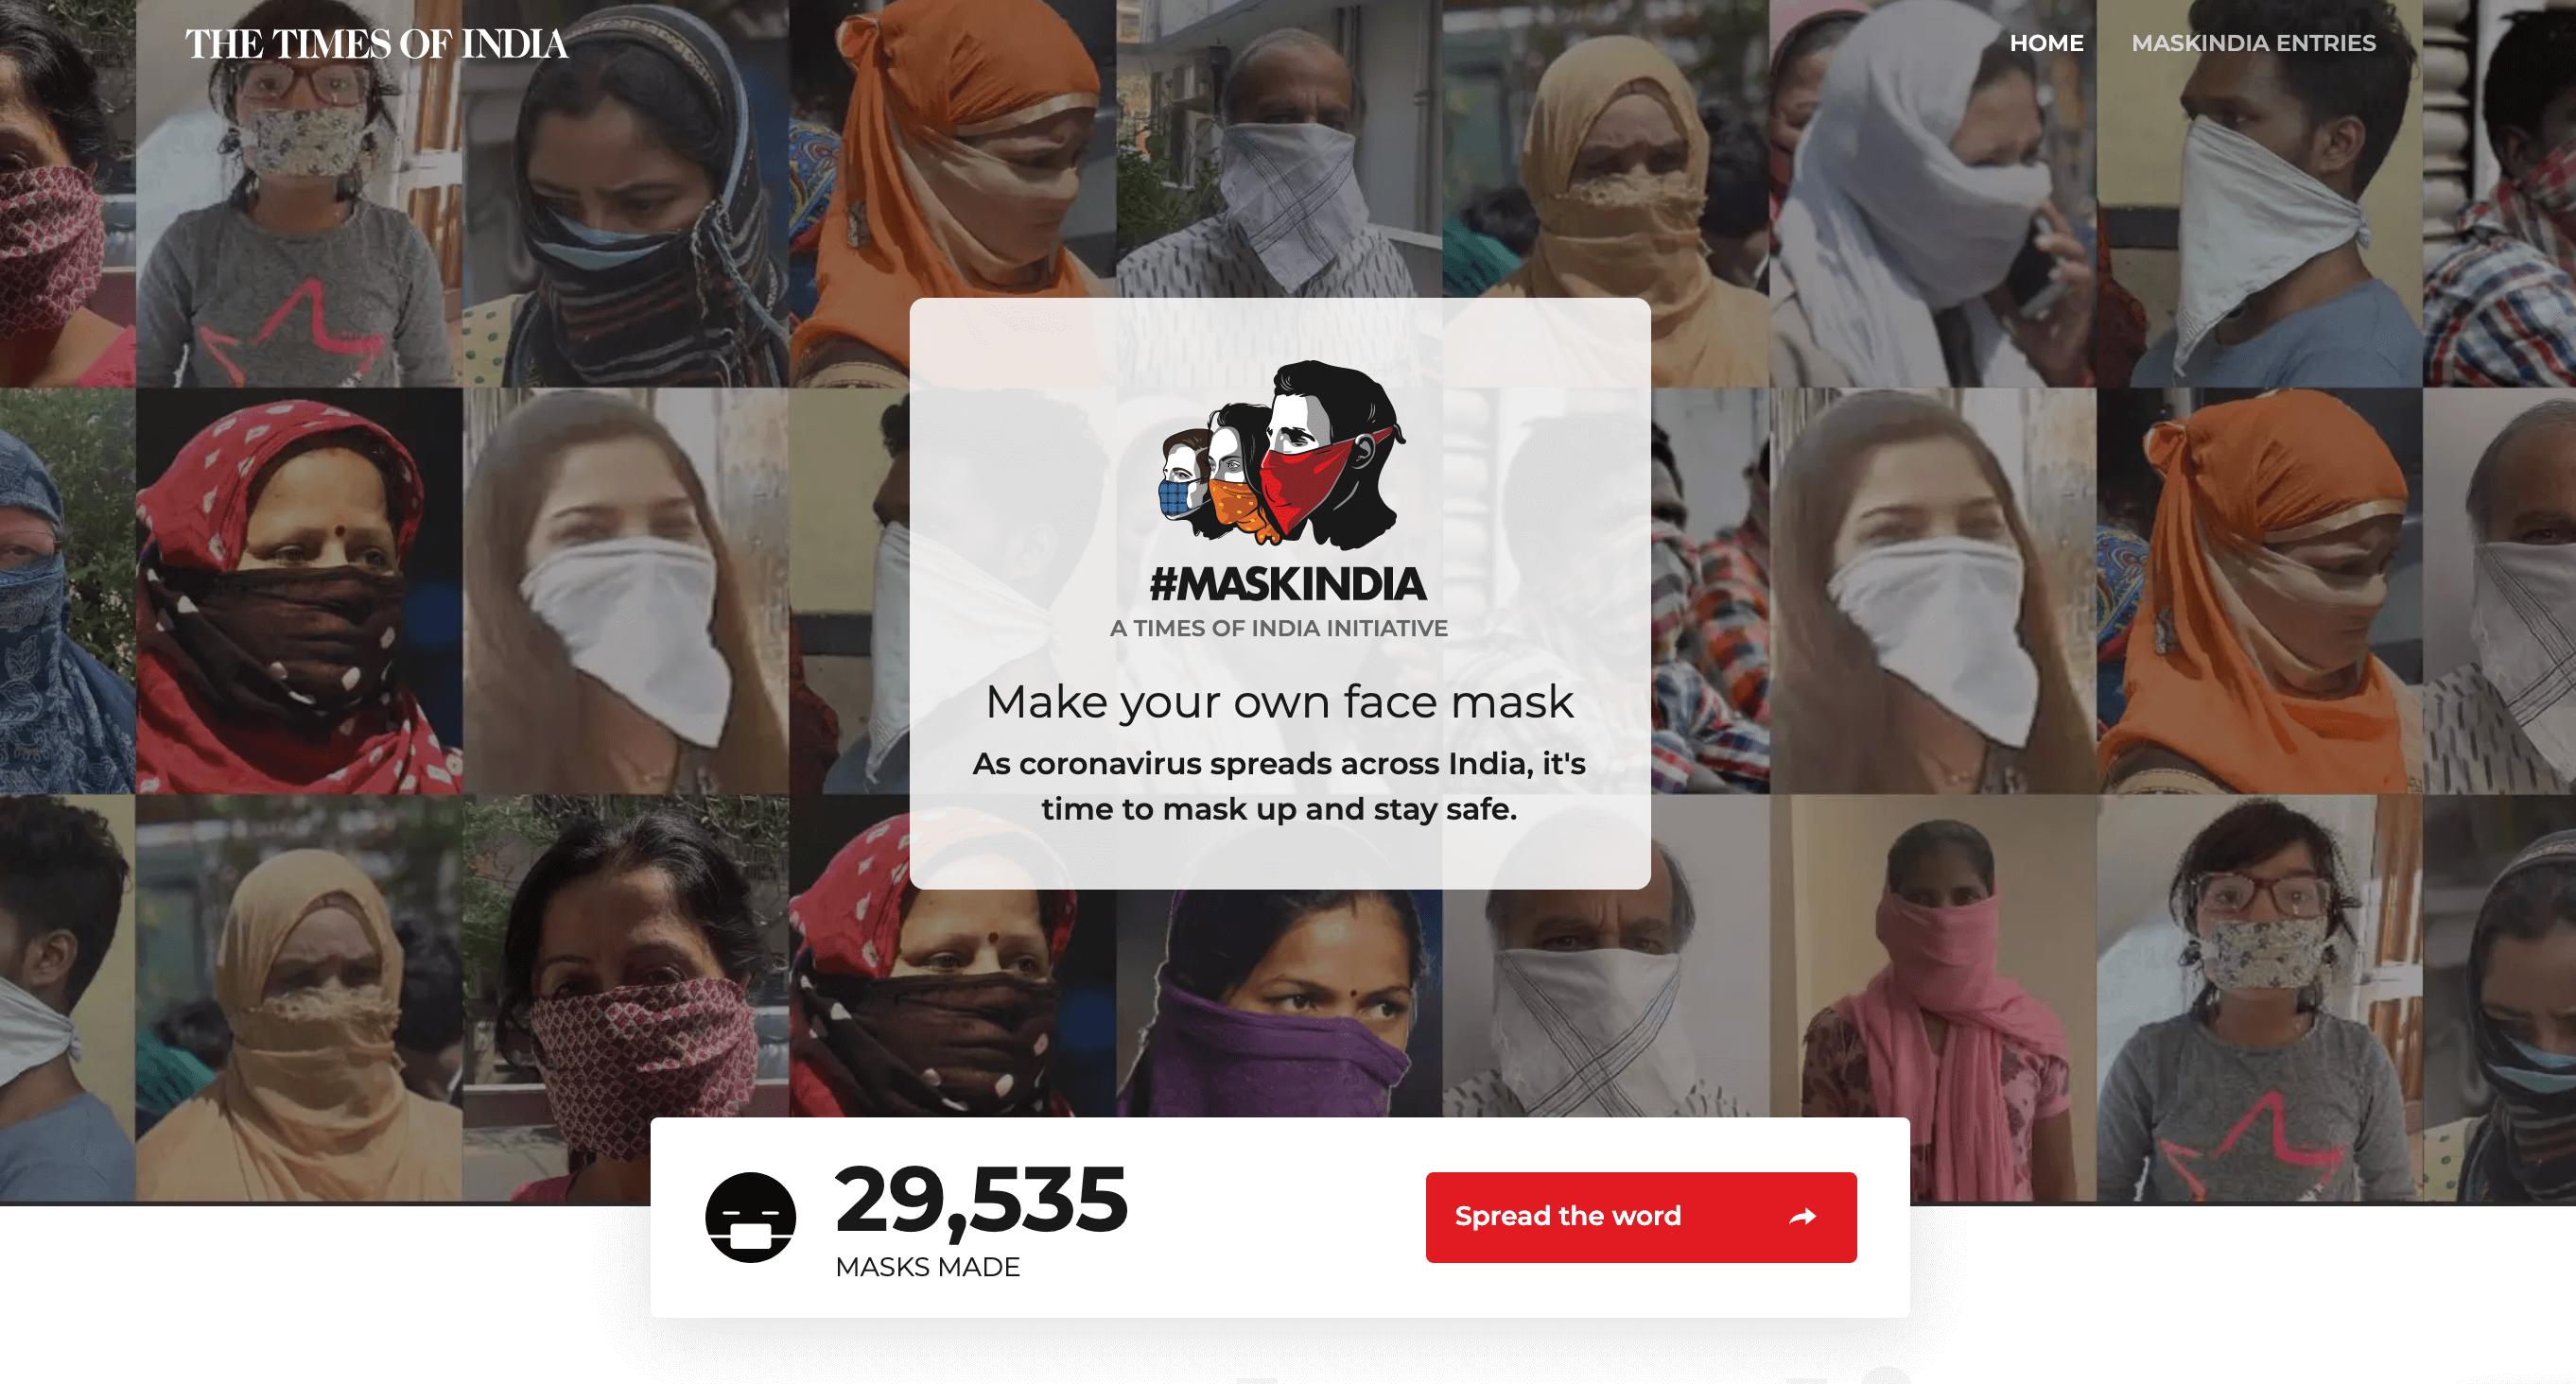 インド ロックダウン マスクキャンペーン